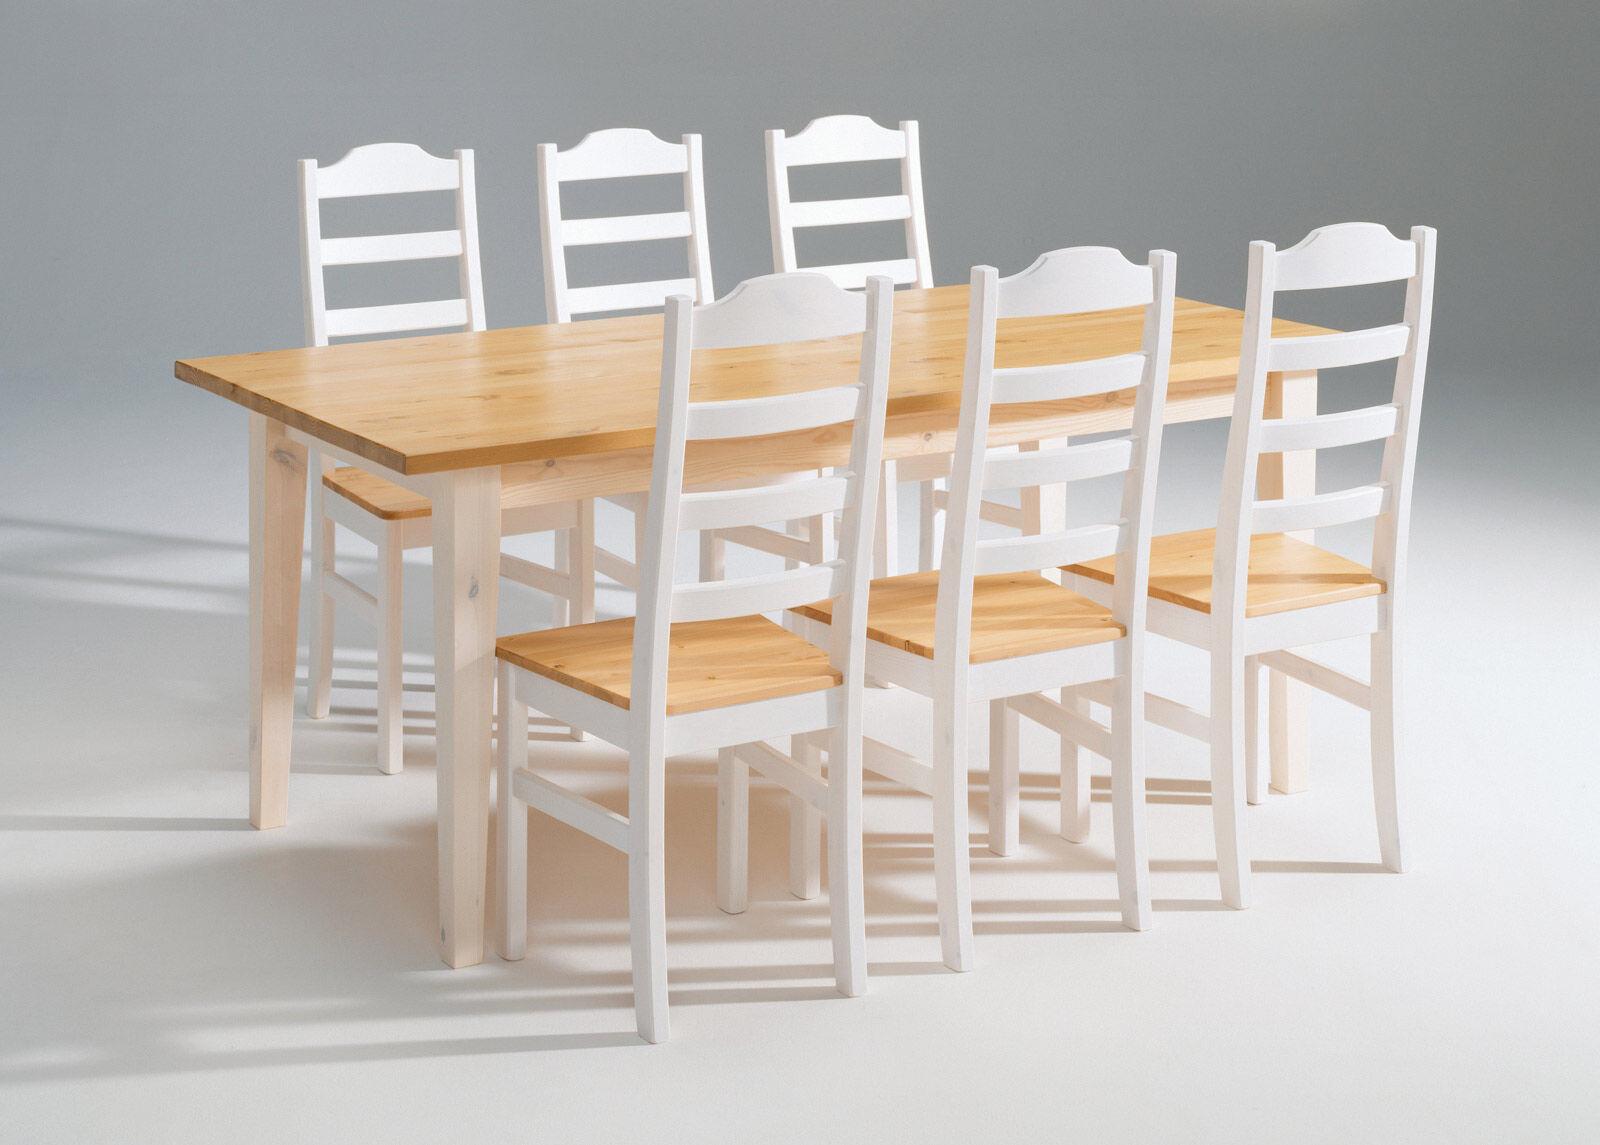 Scala Ruokapöytä SCALA, mänty 90x180 cm